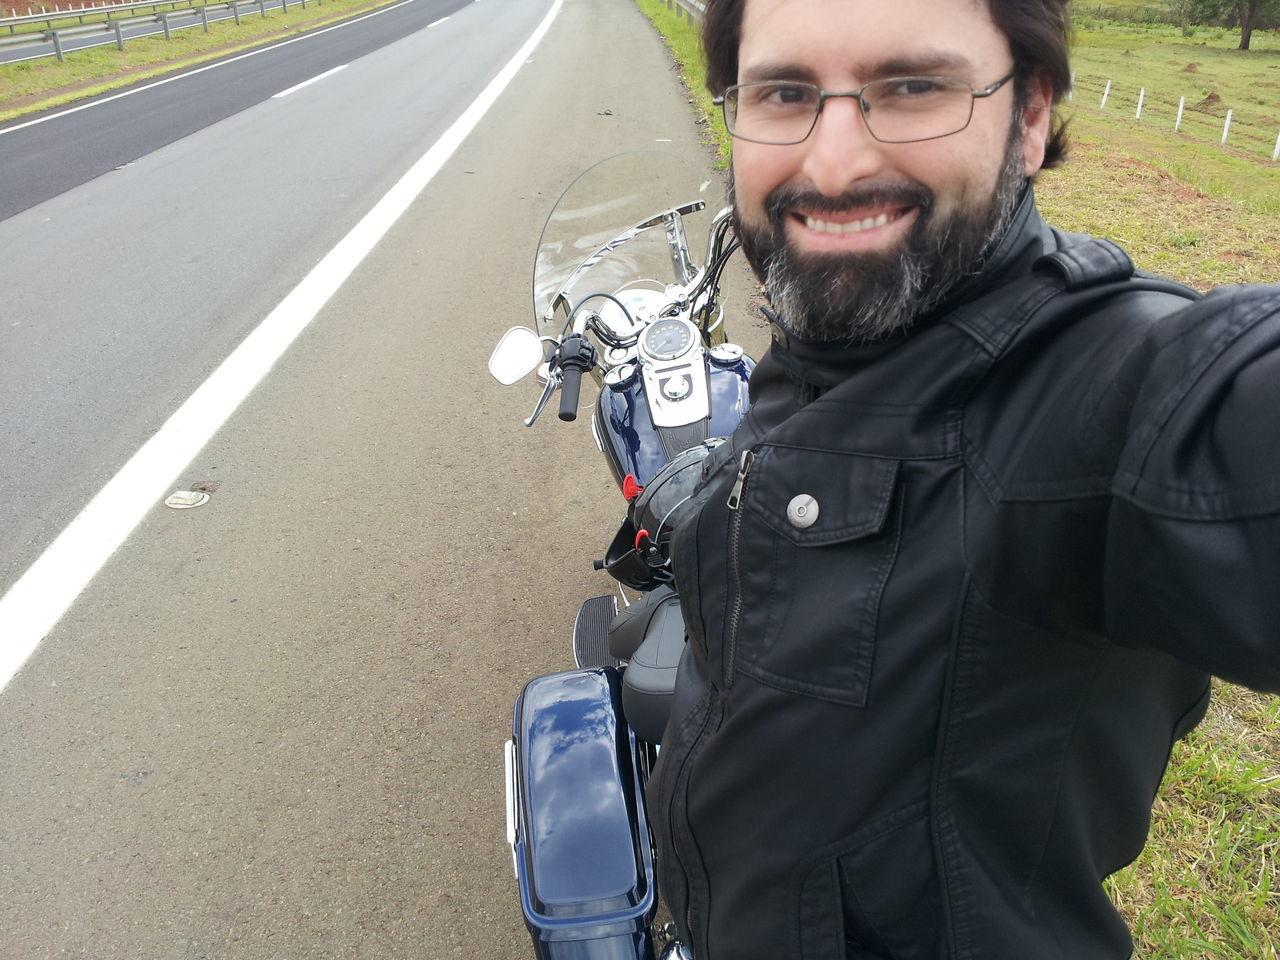 Harleydavidson HarleyDavidsonMotorcycles bike trip